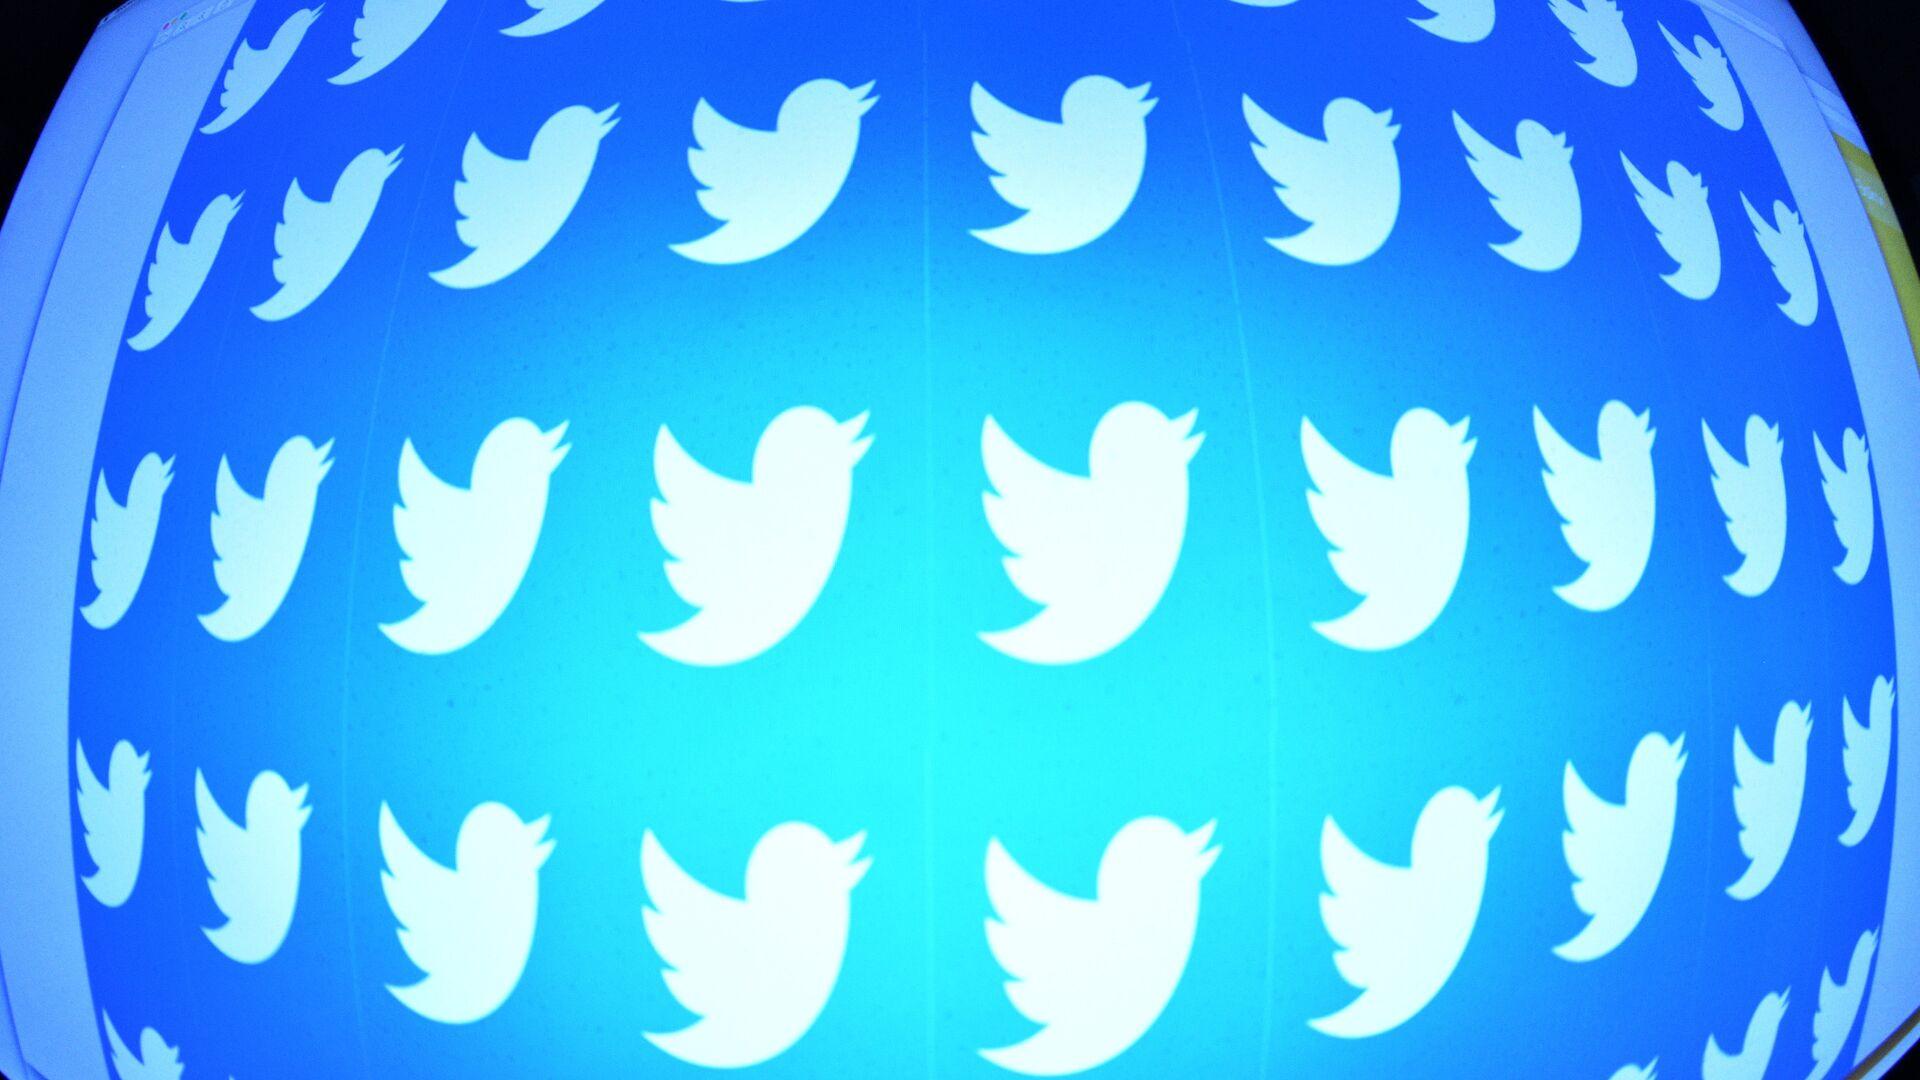 Социальная сеть Twitter - Sputnik Mundo, 1920, 05.04.2021